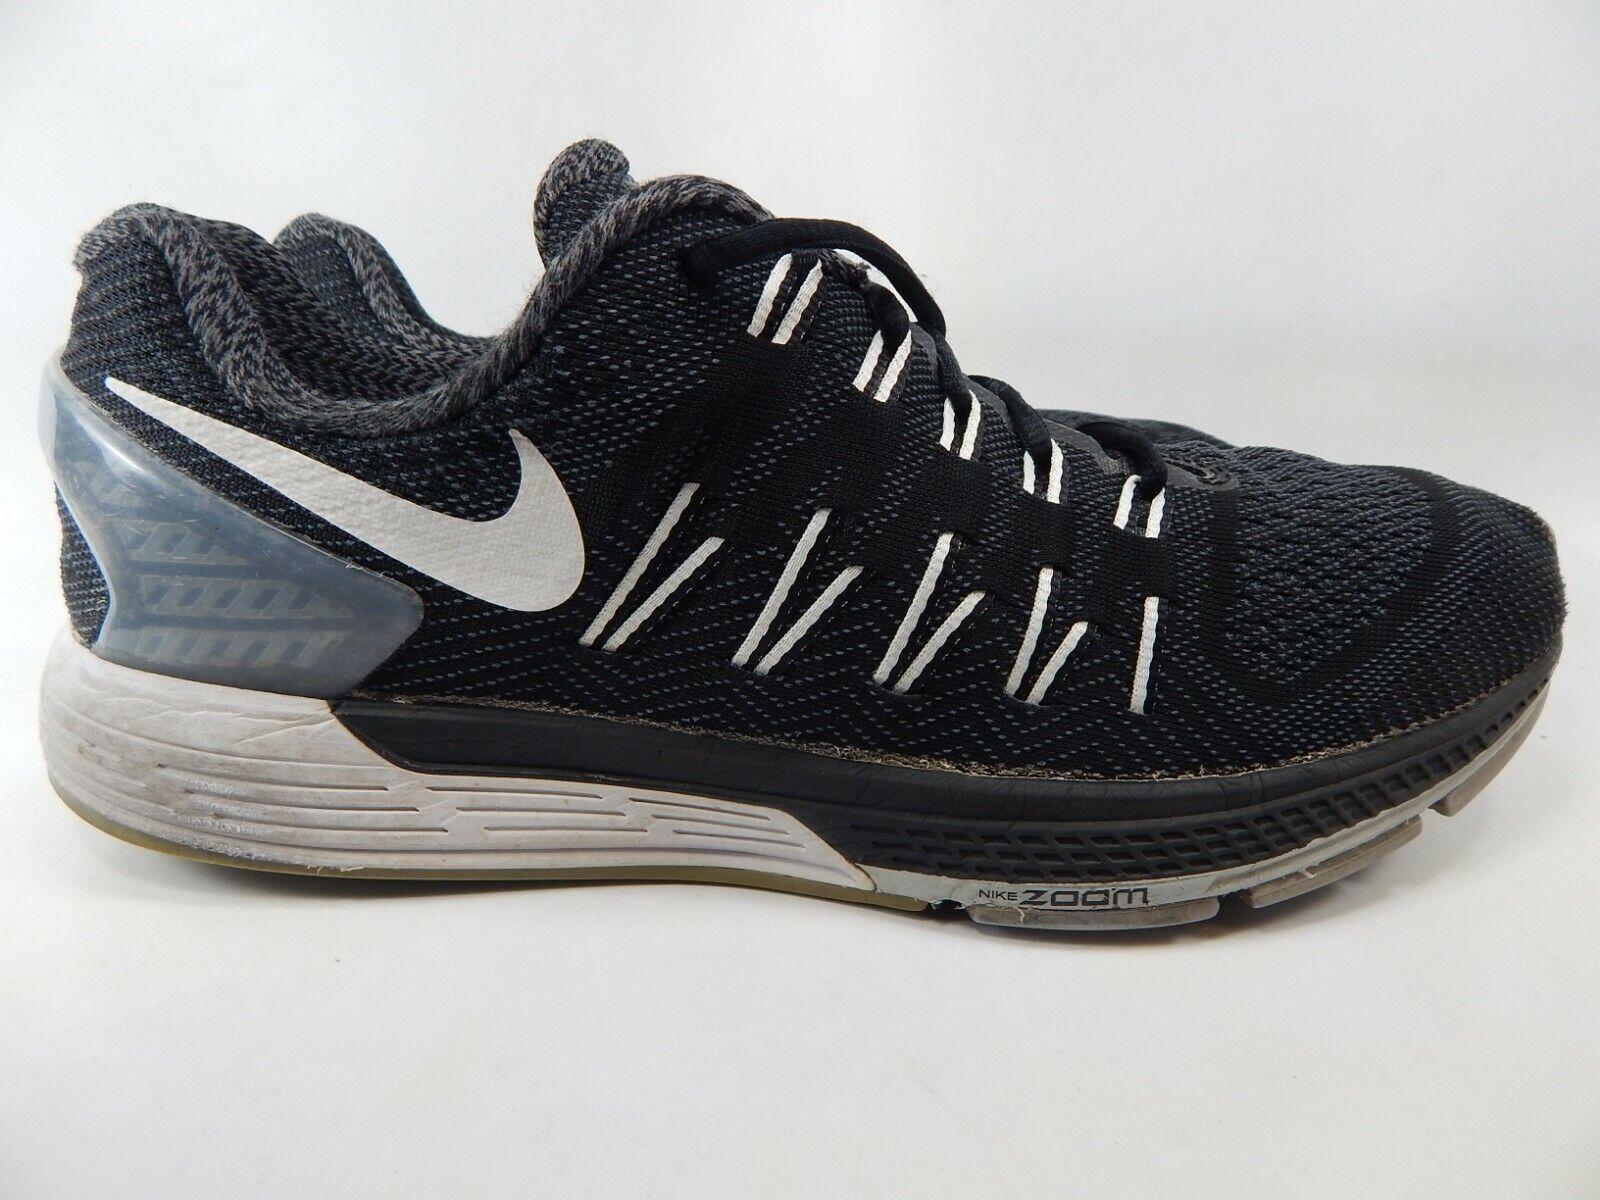 Nike Air Zoom Odyssey Sz 13 M D Eu 47,5 Herren Laufschuhe Schwarz 749338-001